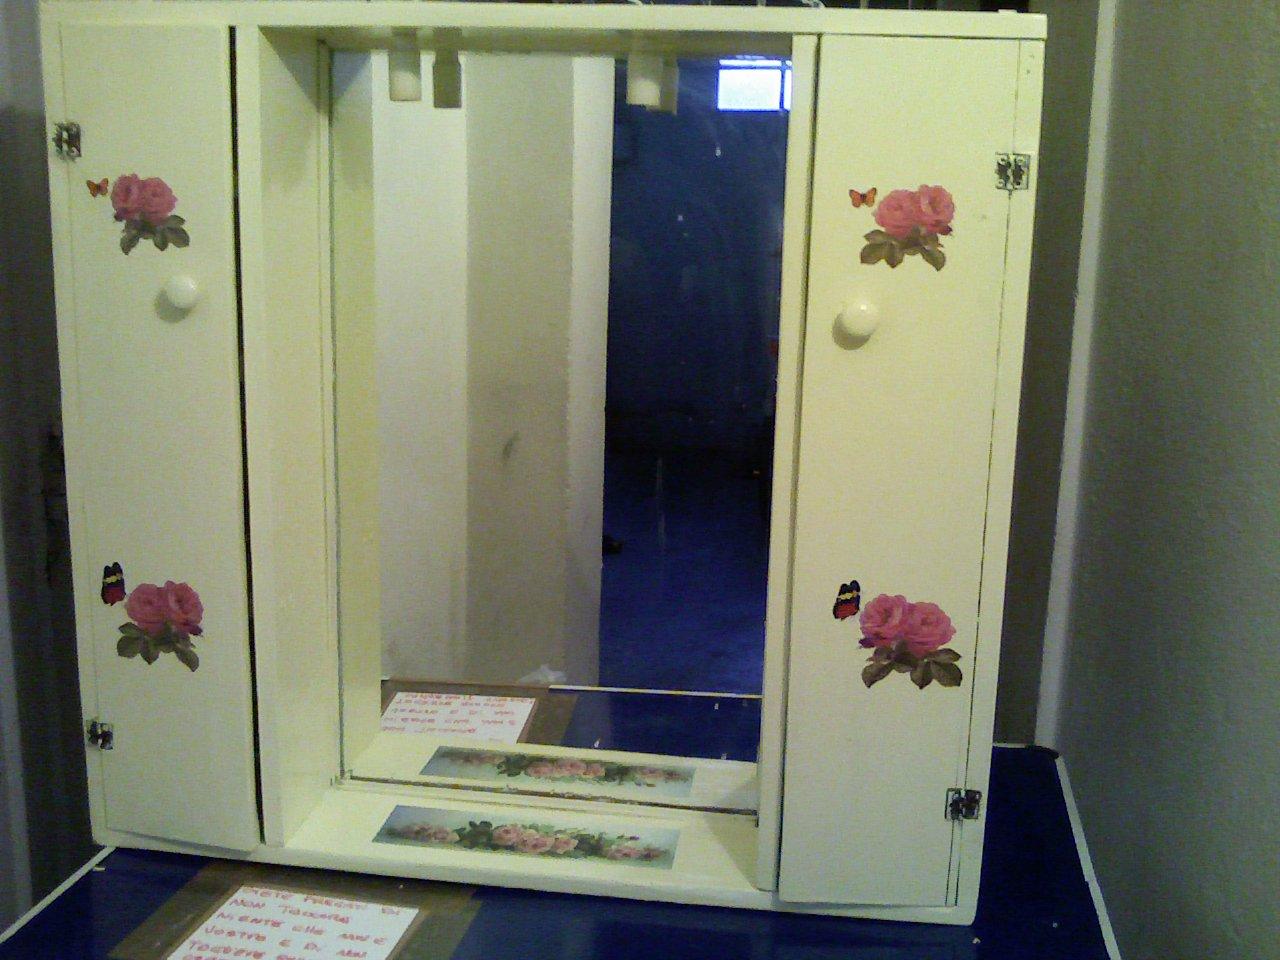 Artigianato artistico al femminile mobili al decoupage in - Decoupage mobili ...